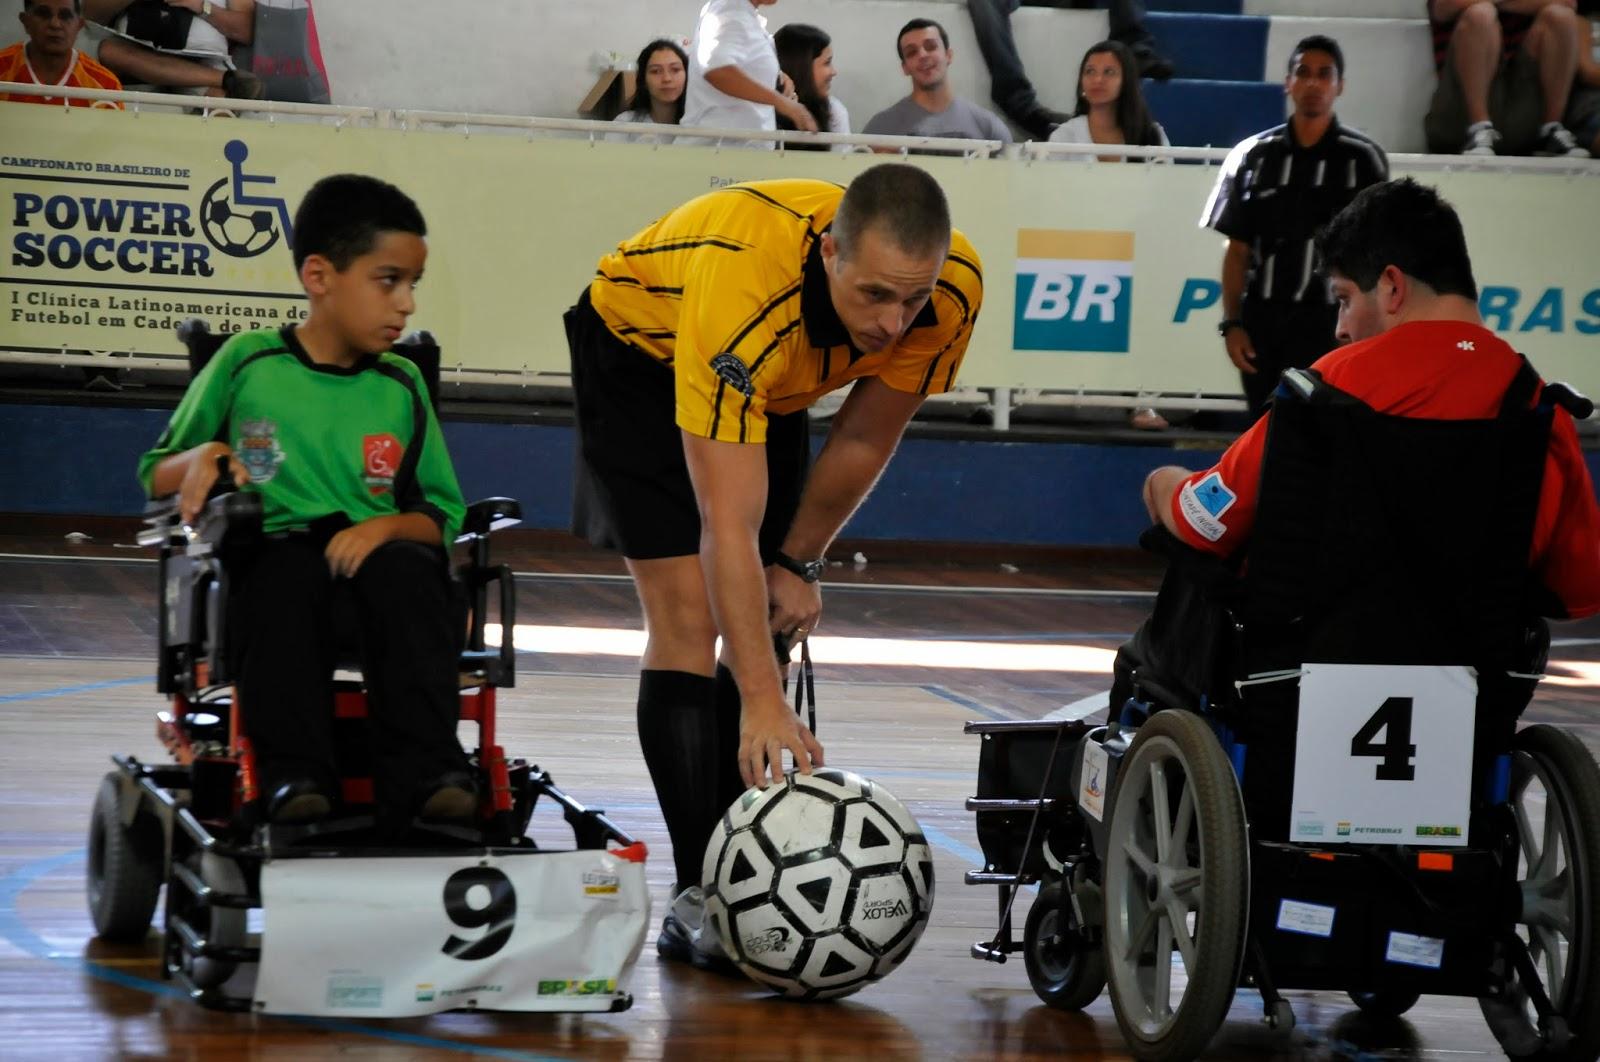 chute_colocado_futebol_cadeira_rodas_power_soccer1